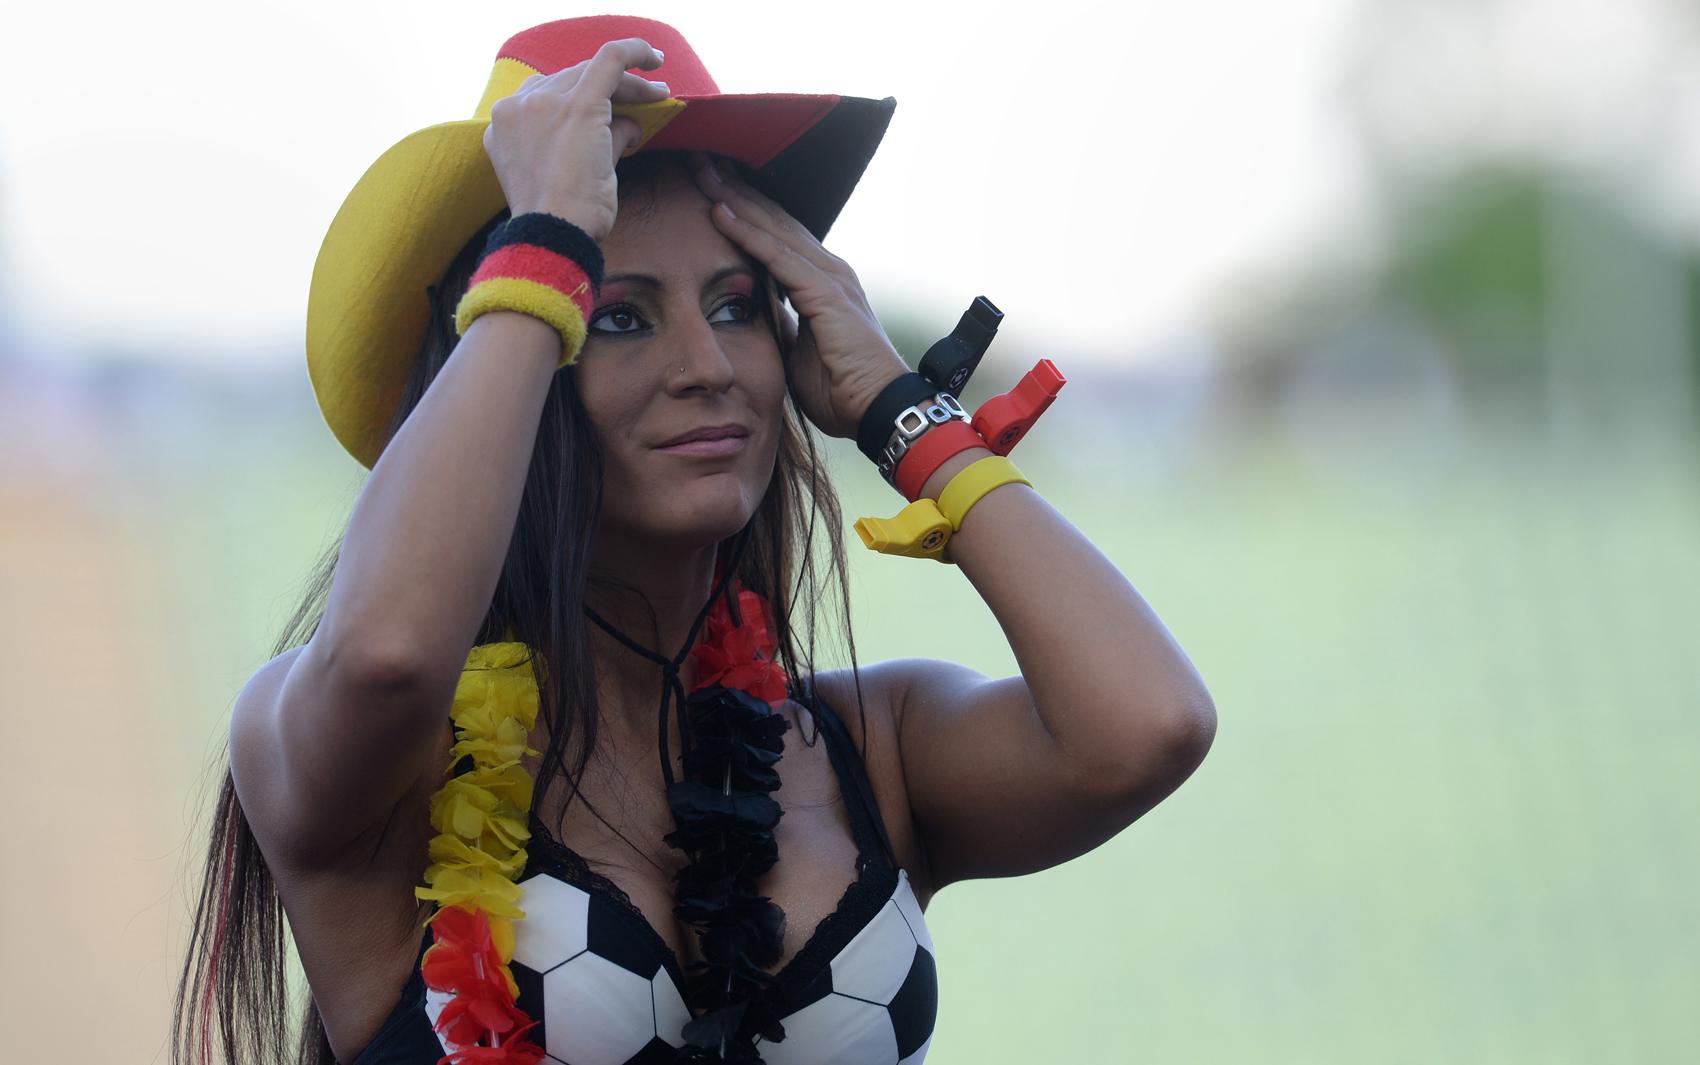 13/7 - Torcedora alemã curte a final da Copa em Munique